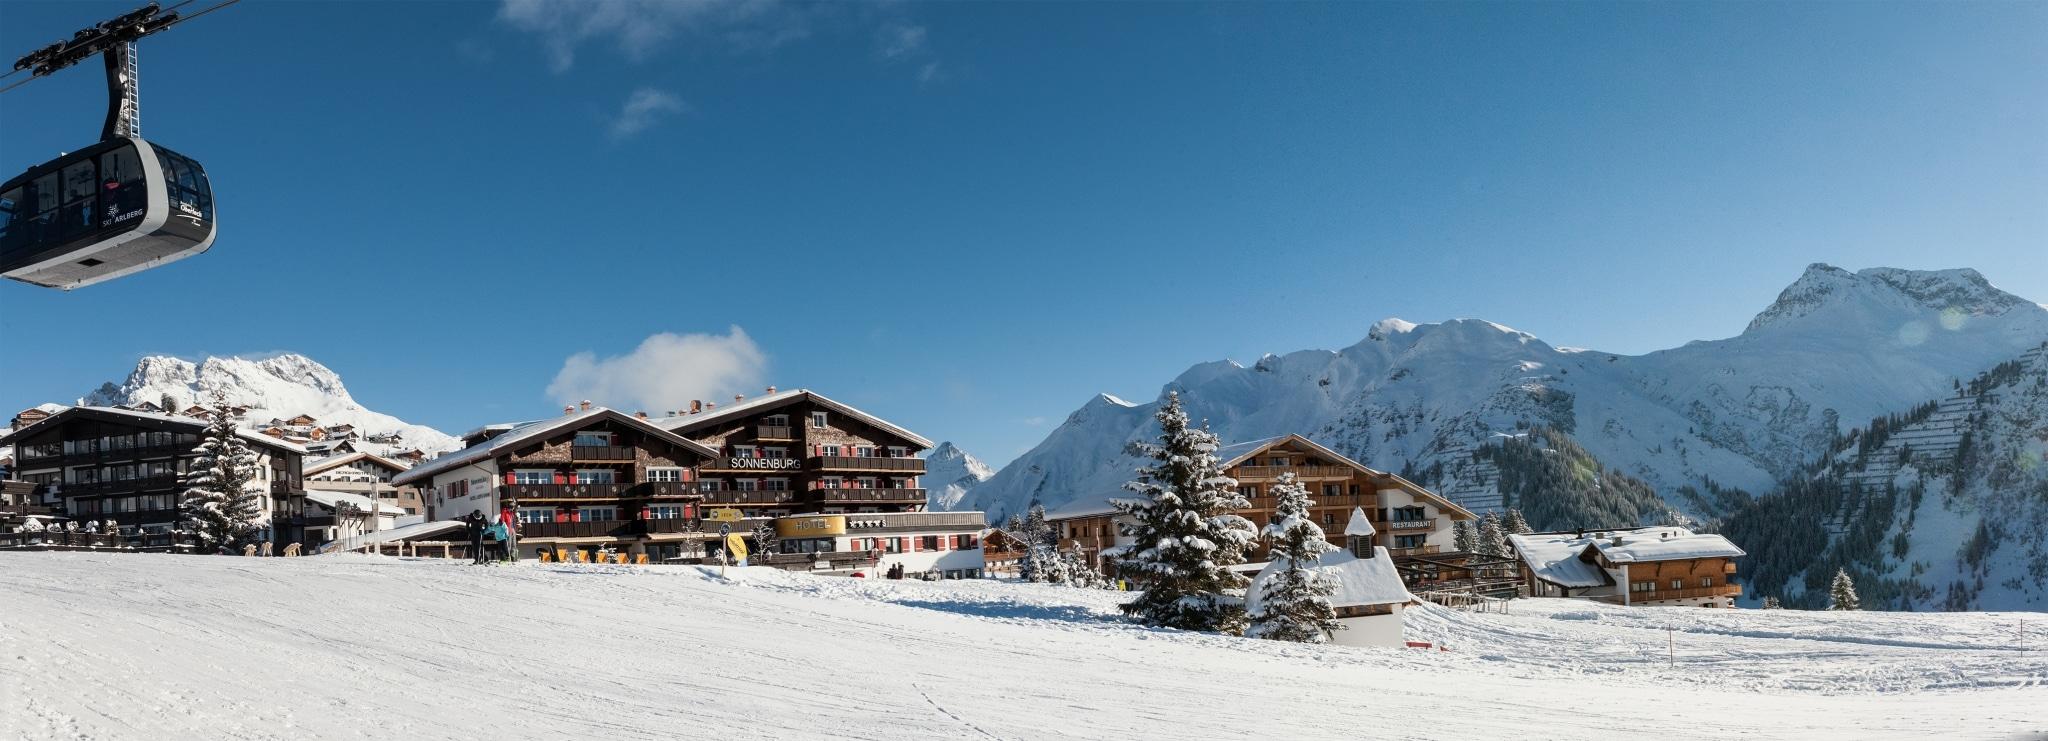 Das Sonnenburg Hotel Lech ist die erste Adresse für Ihren Winterurlaub in Lech